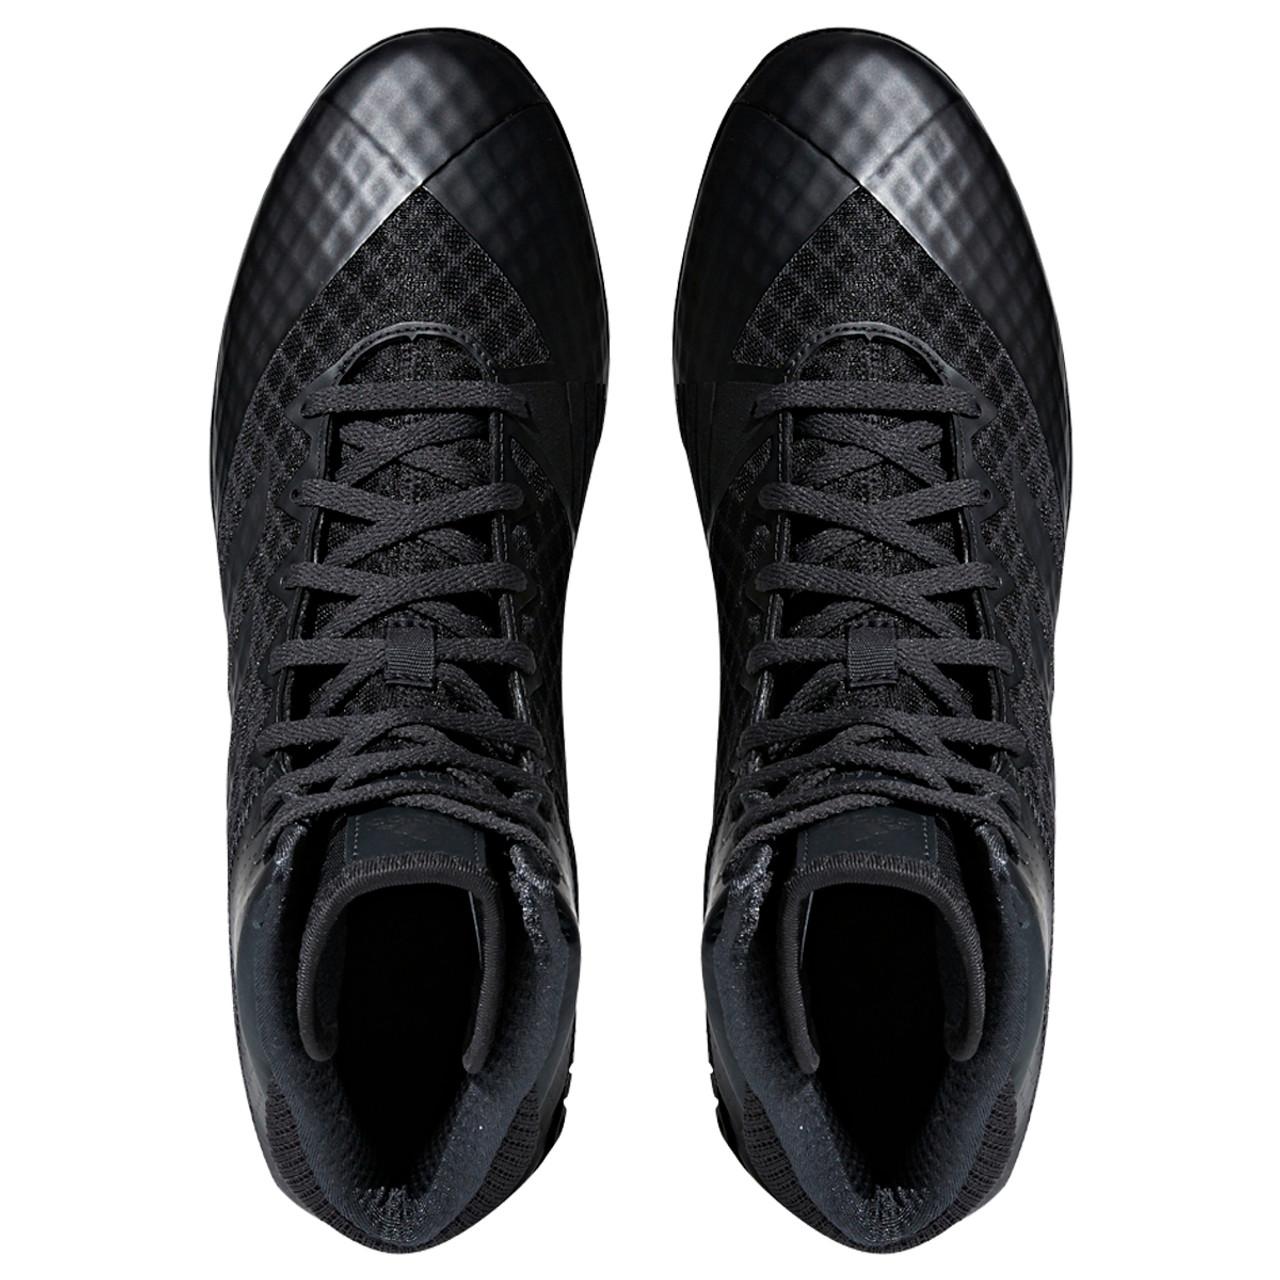 Adidas Mat Wizard 4 Men s Wrestling Shoes AC6971 - Carbon 4c4fc2825